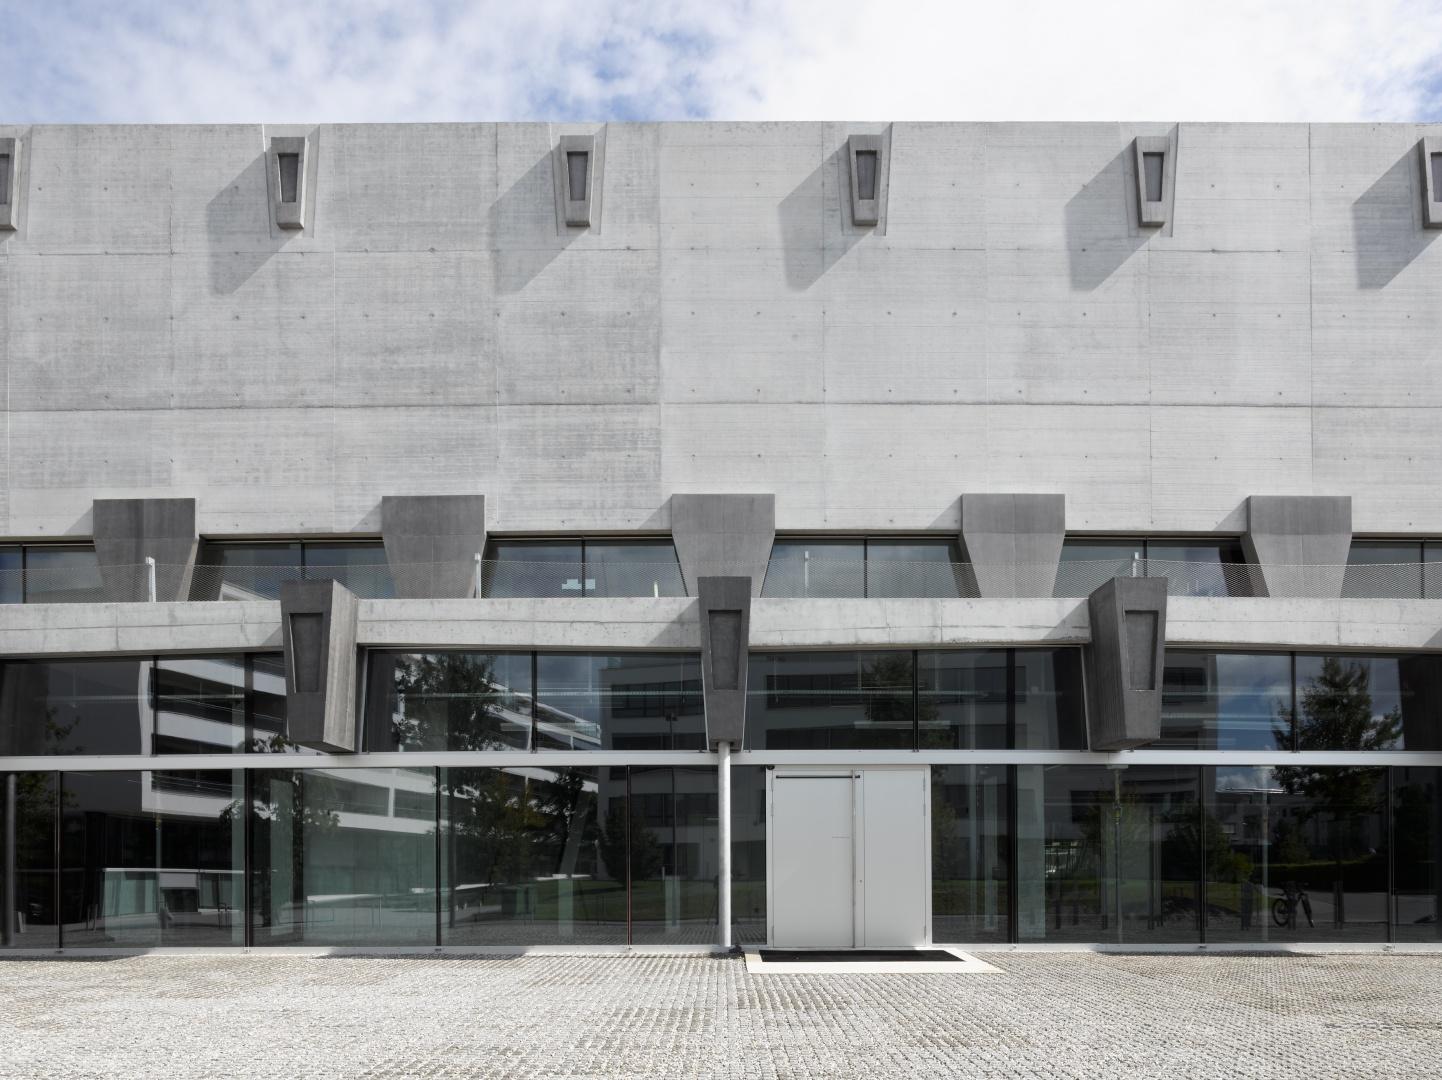 Fassade © Dominique Uldry, Bern